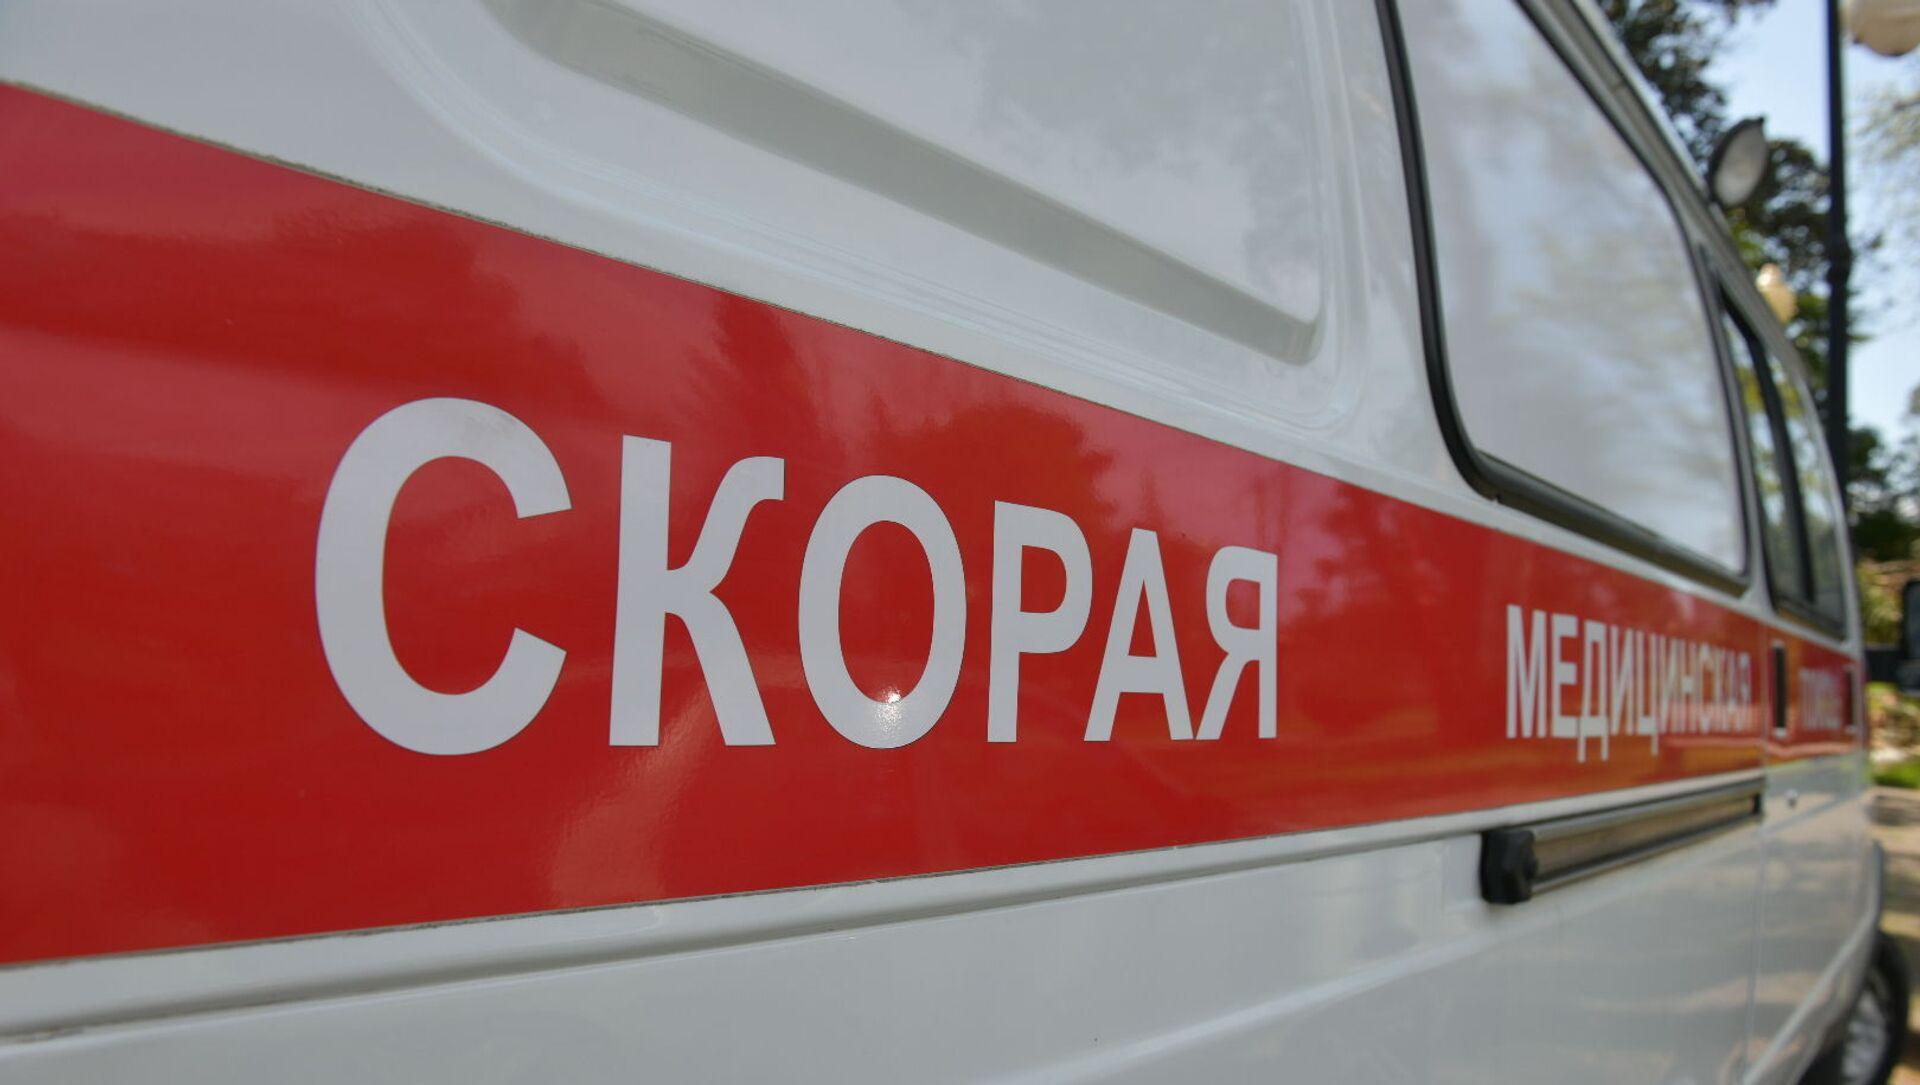 Карета скорой помощи  - Sputnik Абхазия, 1920, 25.08.2021